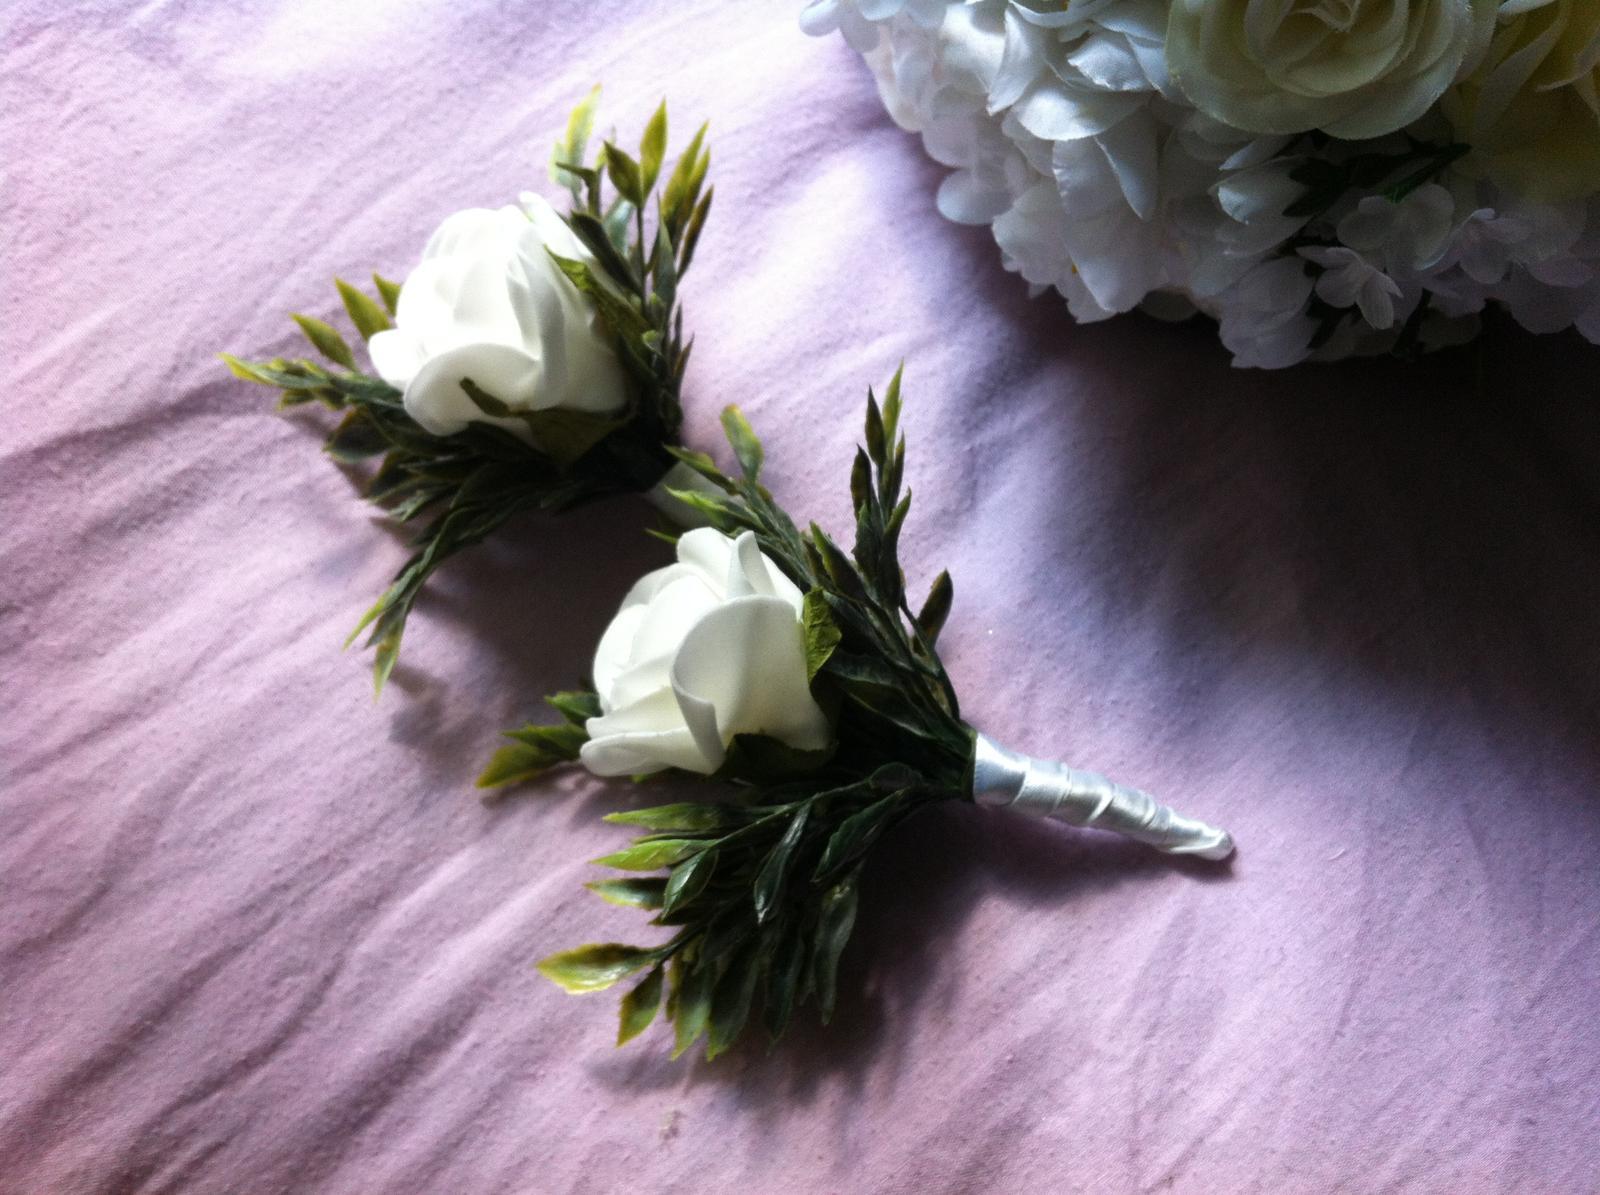 Netradiční svatební kytice - pěnové růžičky + polštářky pod prstýnky, košíčky - Obrázek č. 67